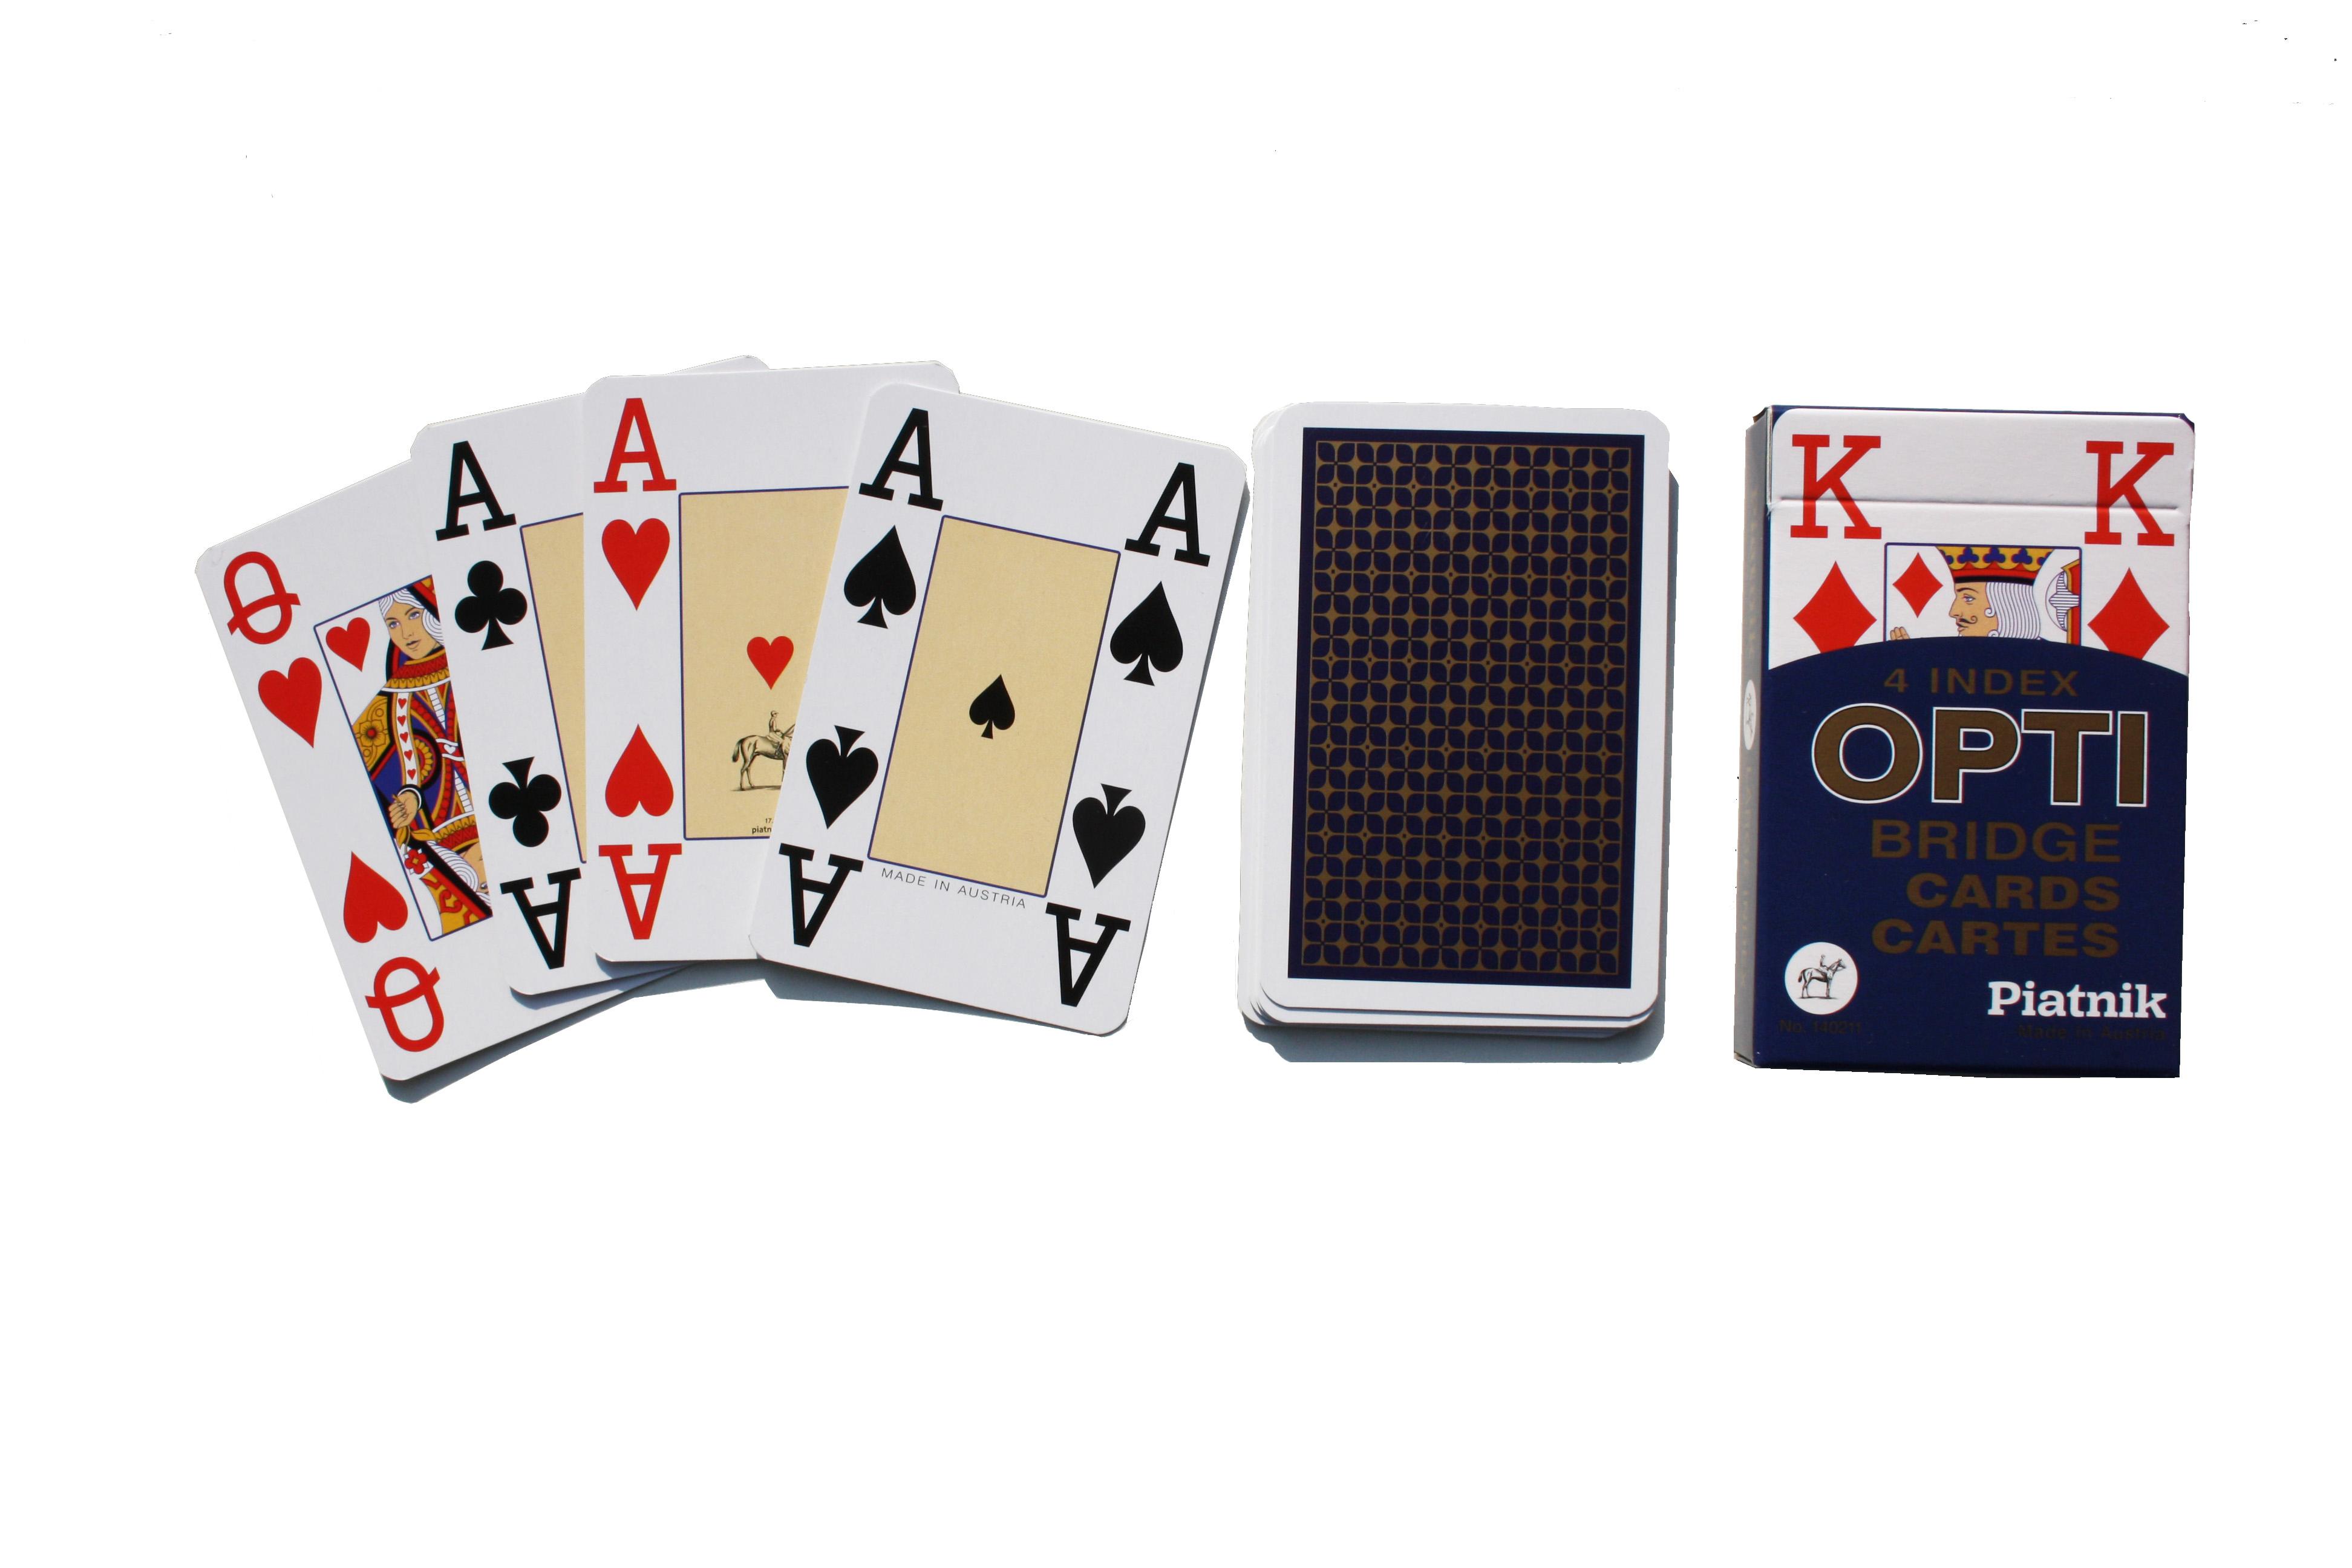 Игральные карты Piatnik Профессиональные Bridge OPTI, цвет: синий, 55 листов1402_синий1402_синийКарты Piatnik Bridge De Luxe подходят для профессиональных игроков в покер и другие карточные игры, так как имеют очень гладкую поверхность, высококачественное пластиковое покрытие и стандартный покерный размер. Размер карты: 6,2 х 9,1 см.